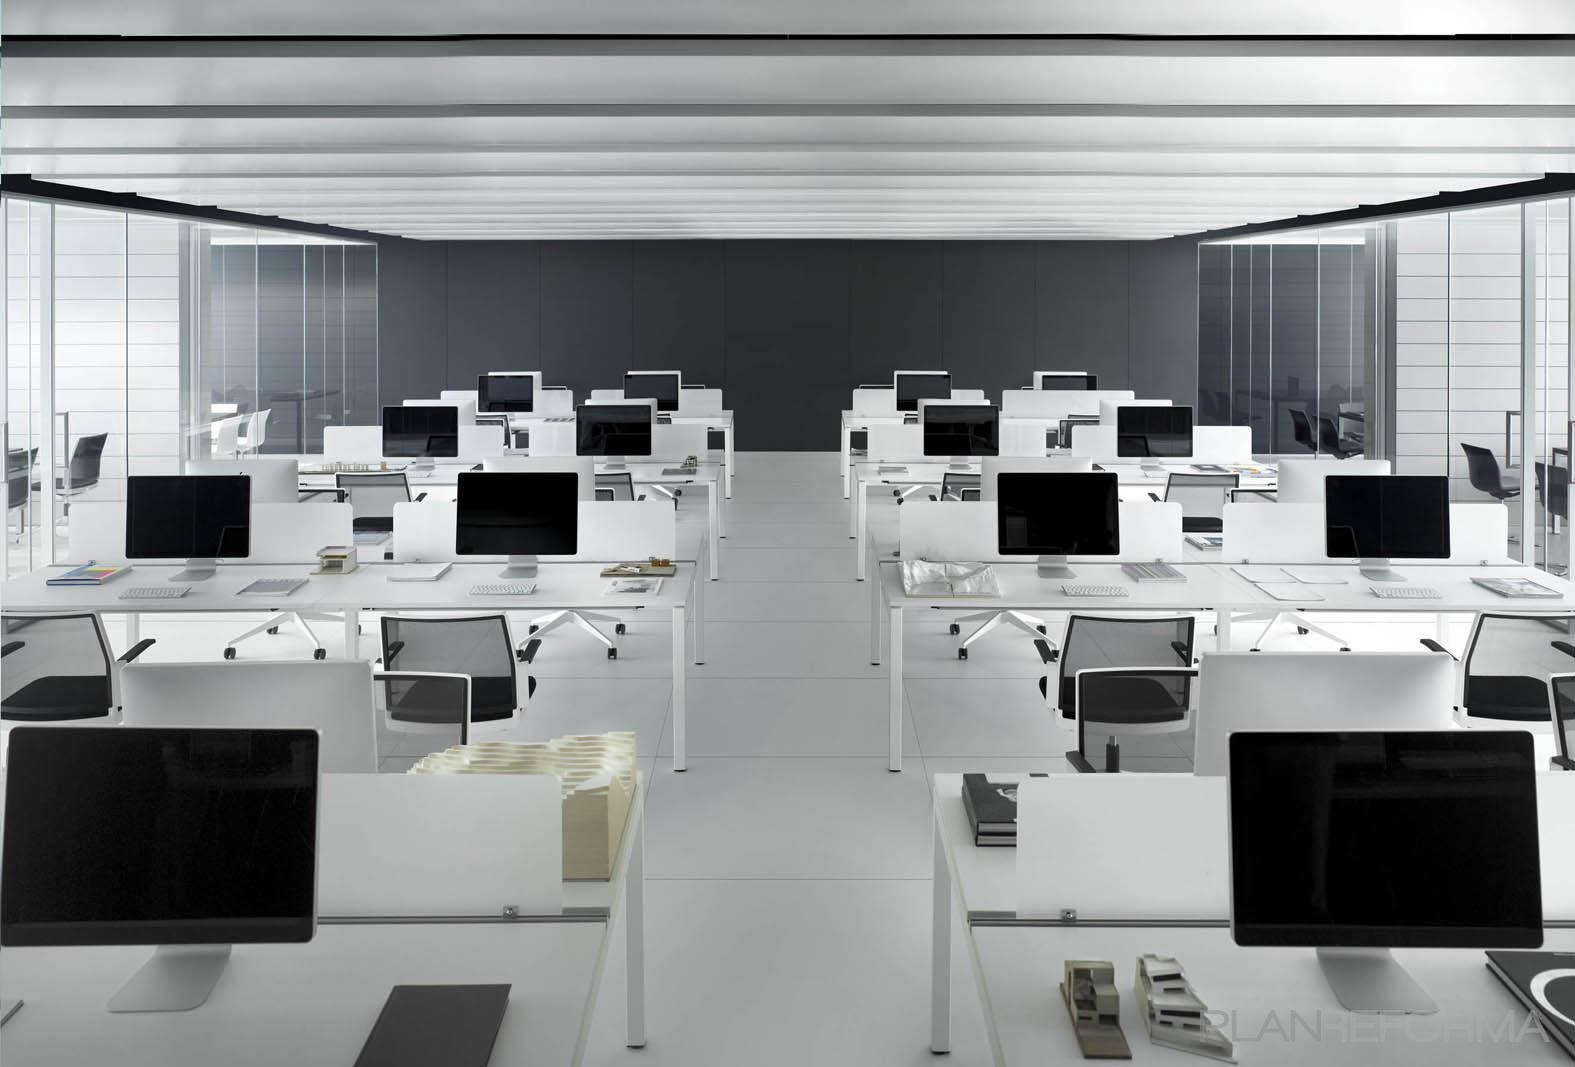 Oficina style moderno color blanco gris for Equipamiento para oficinas